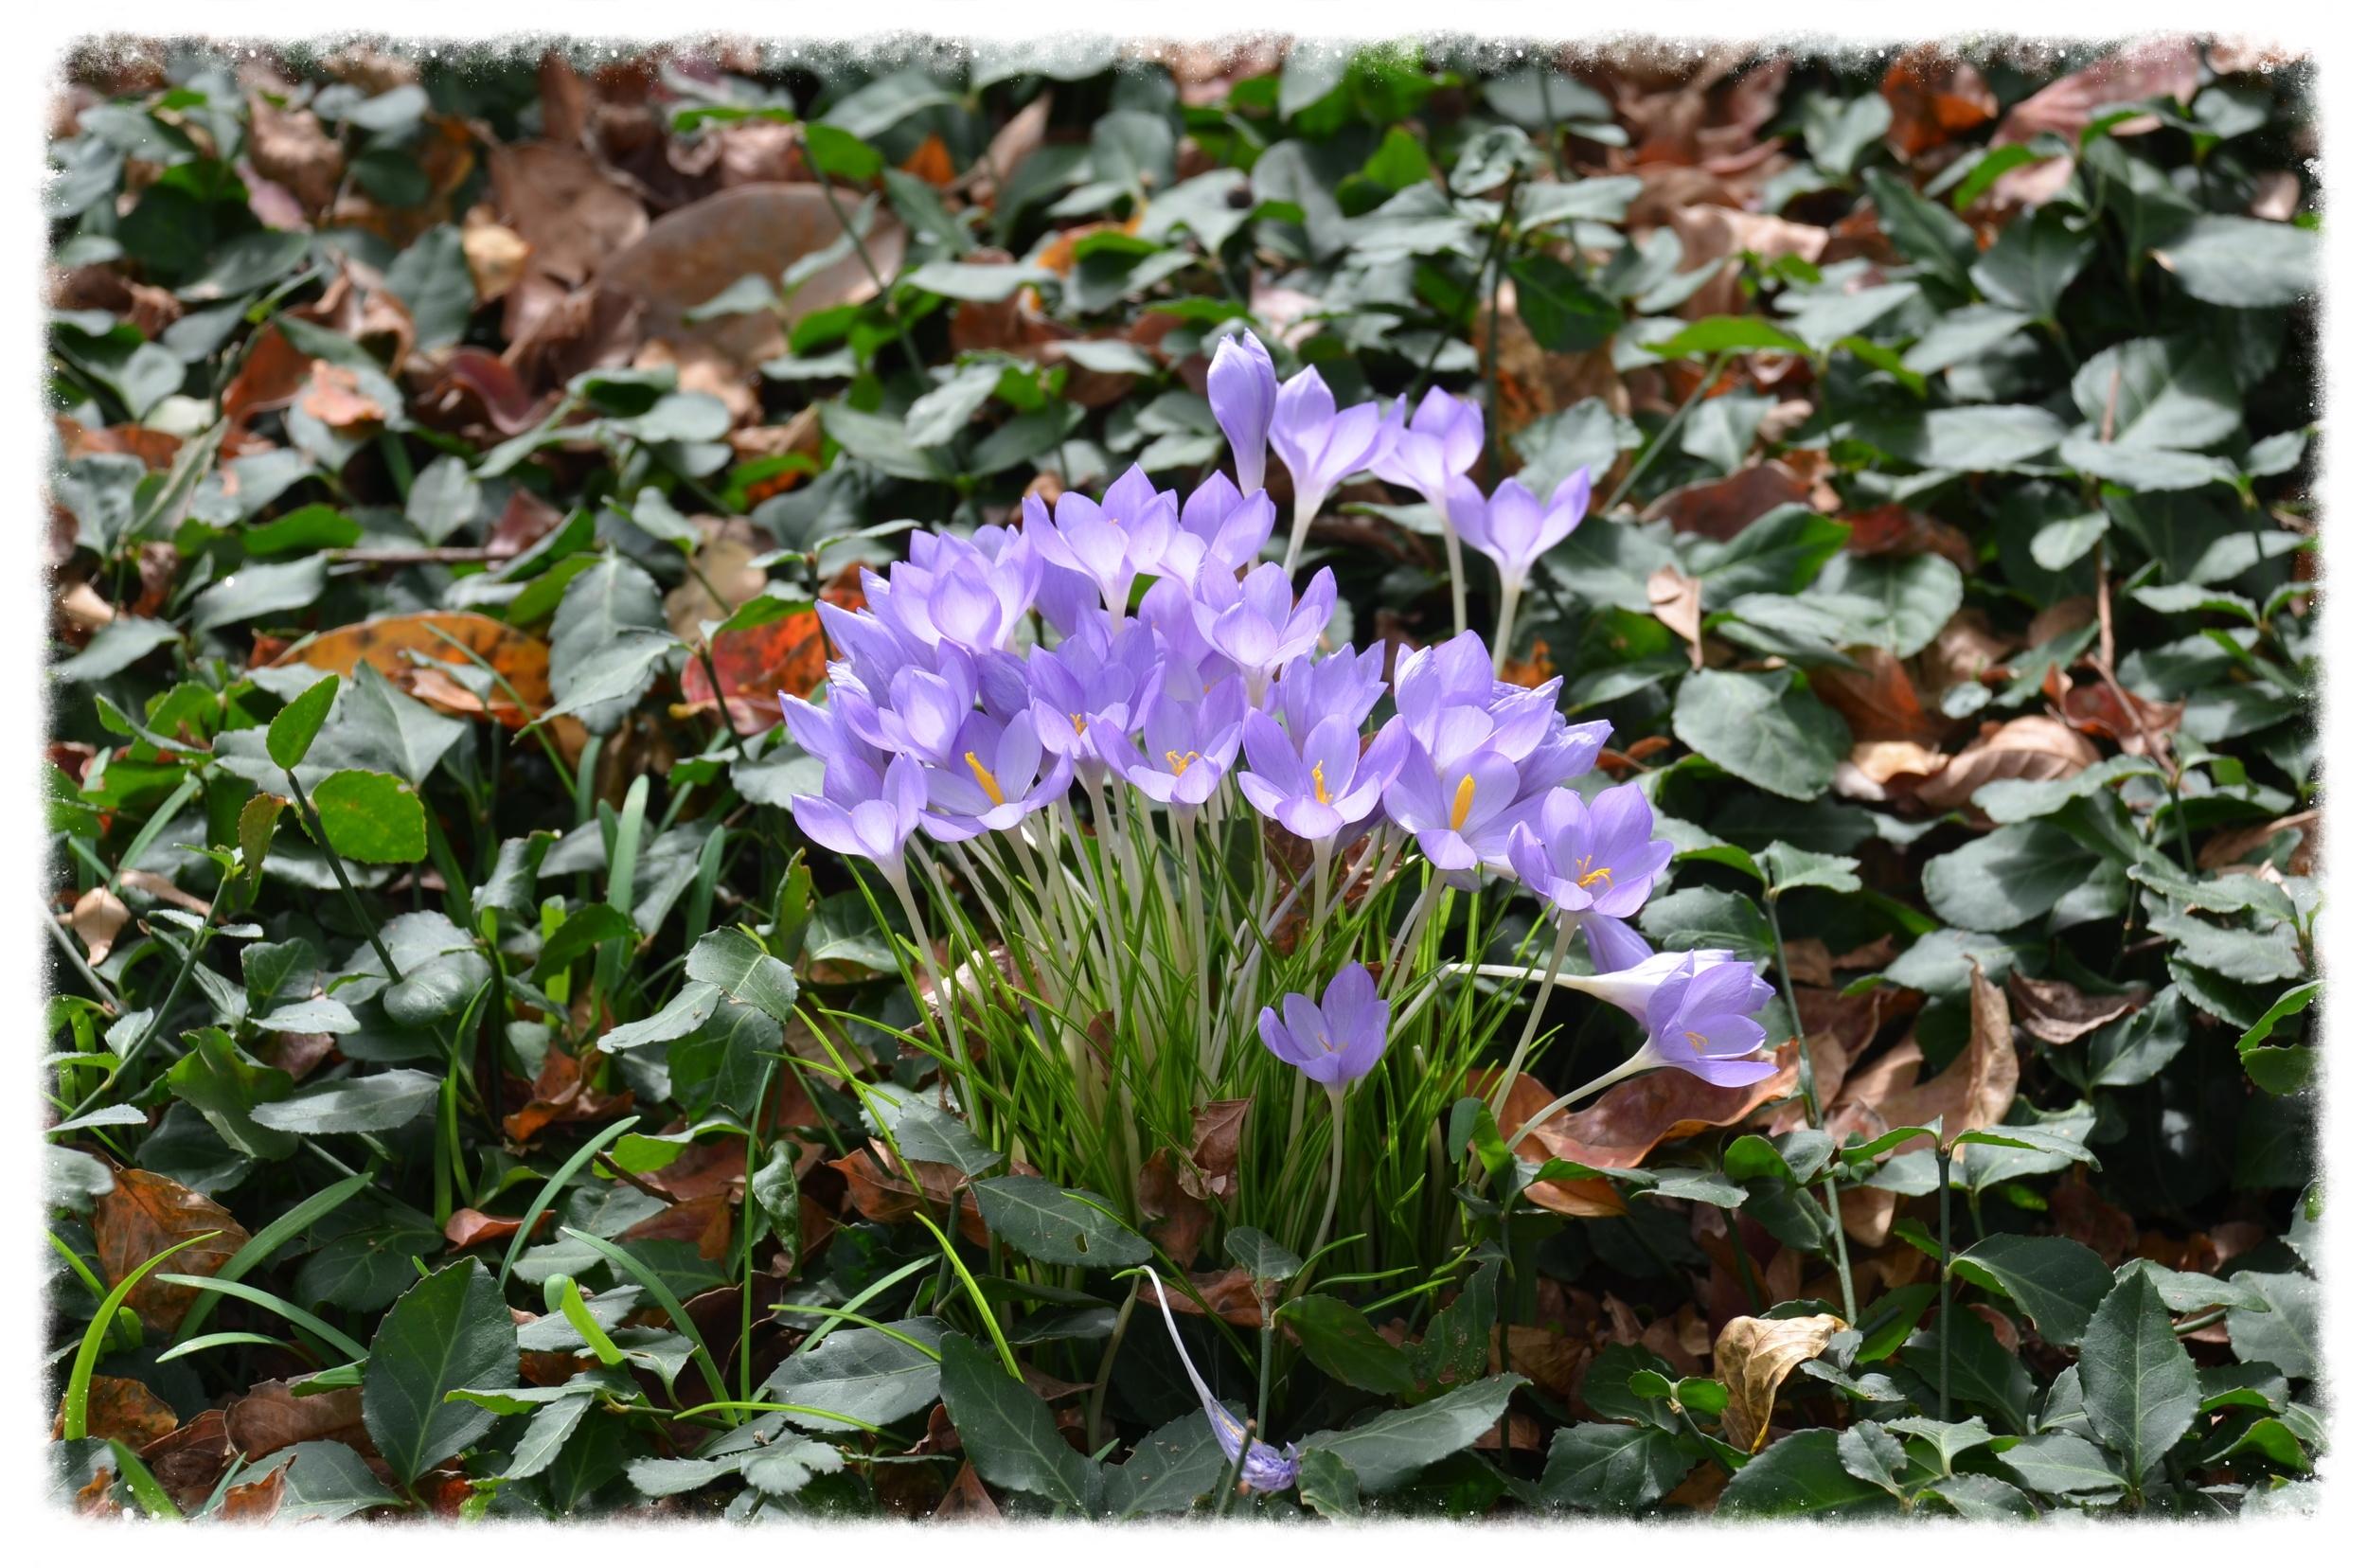 Autumn Crocus Planted in Vinca Minor Ground Cover